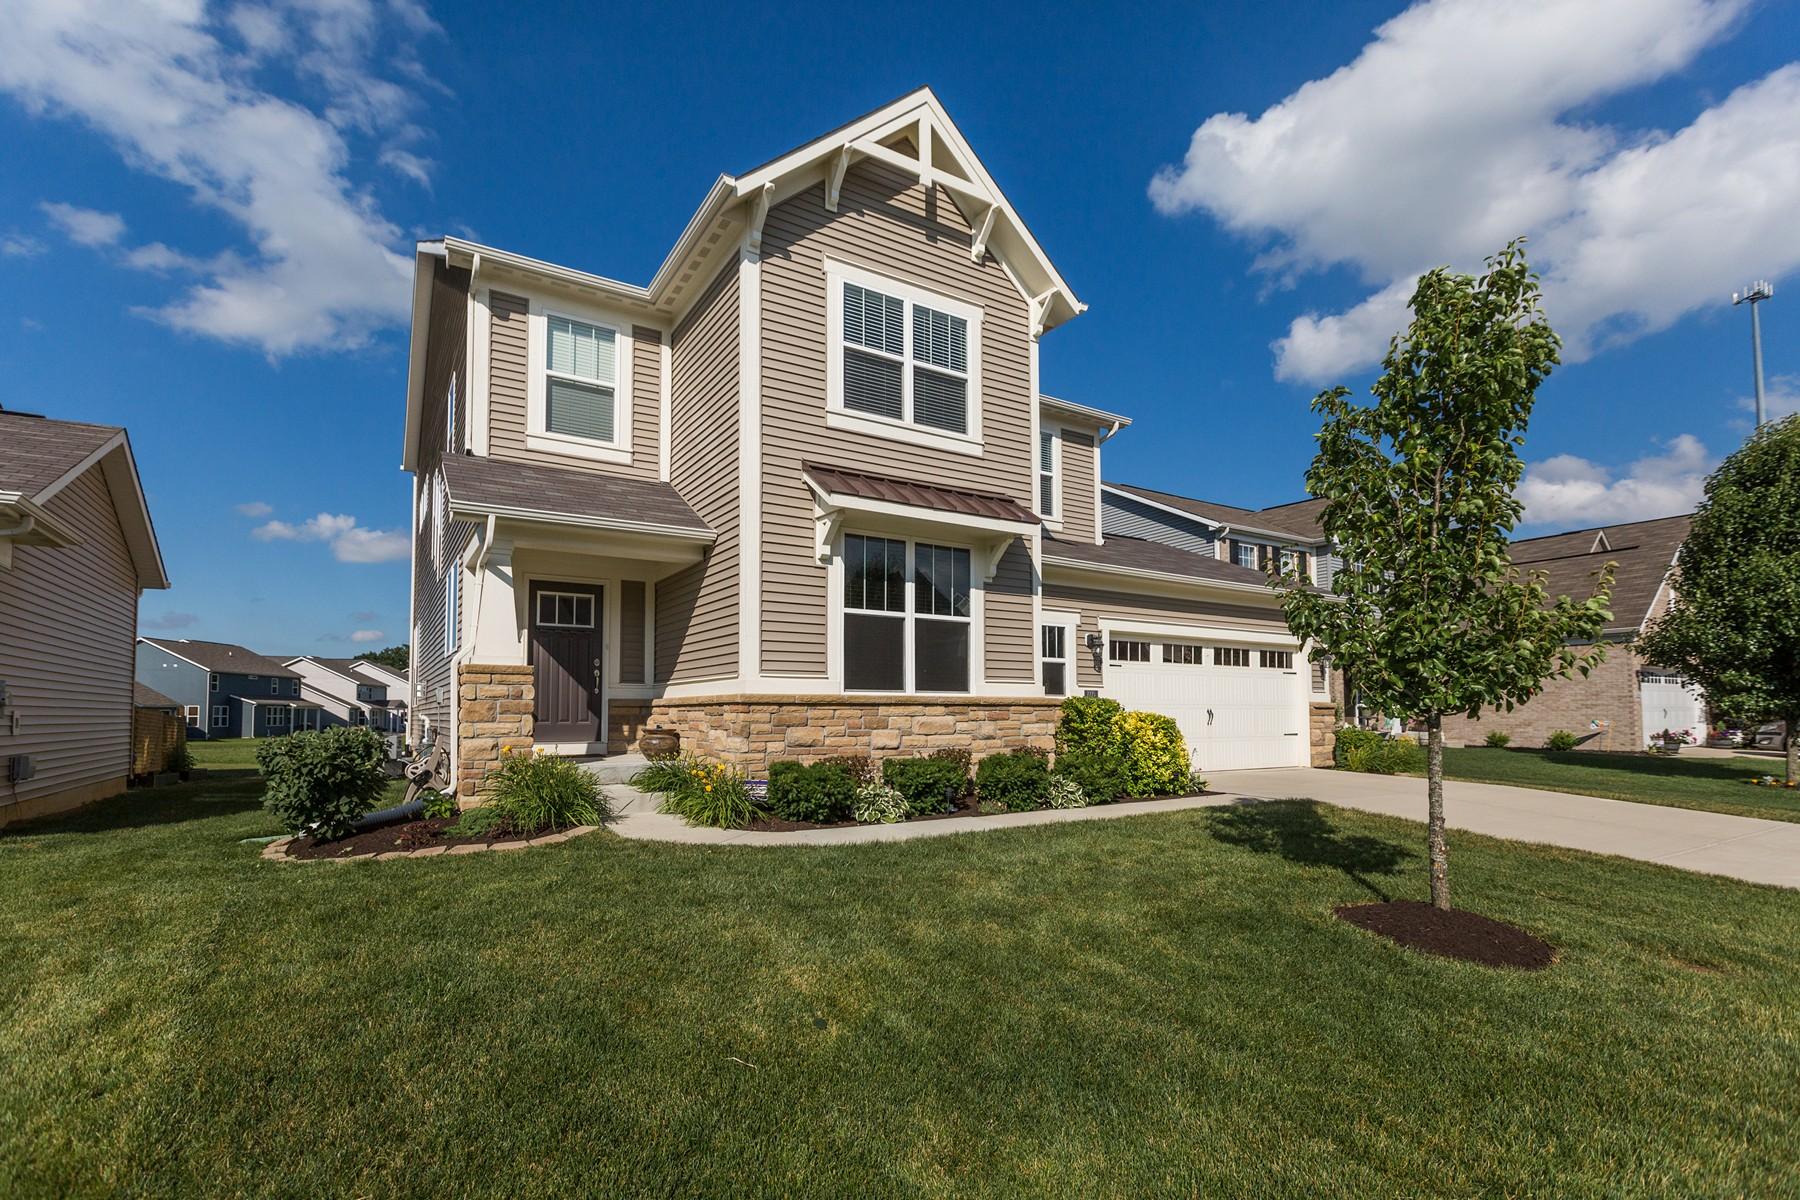 Maison unifamiliale pour l Vente à Fantastic Eagles Nest 7775 Blue Jay Way Zionsville, Indiana, 46077 États-Unis